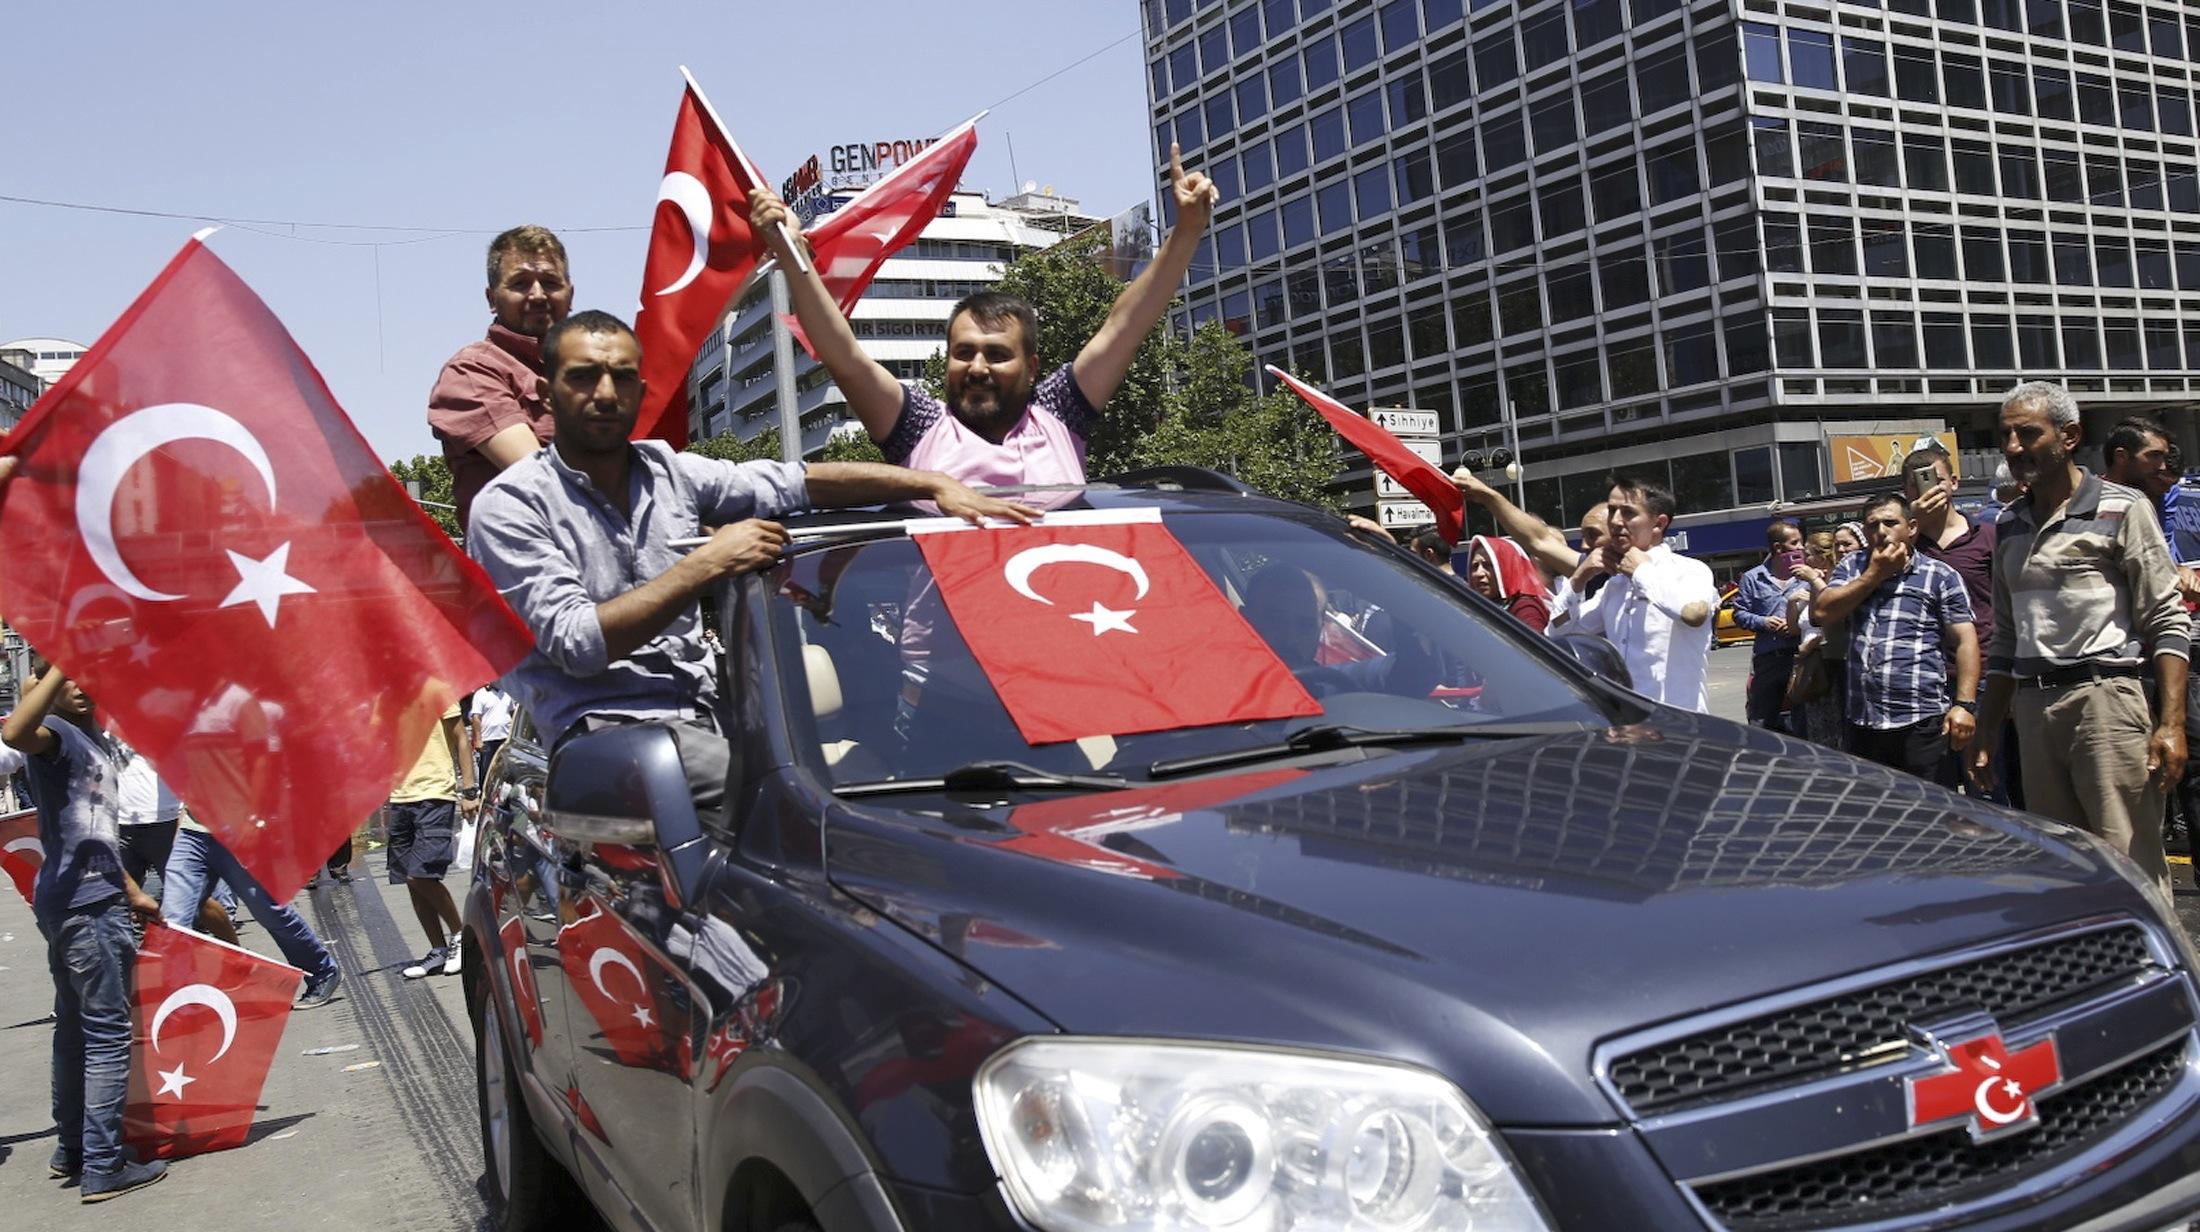 Apoiadores do governo de Erdogan comemoram impedimento da tentativa de golpe na Turquia